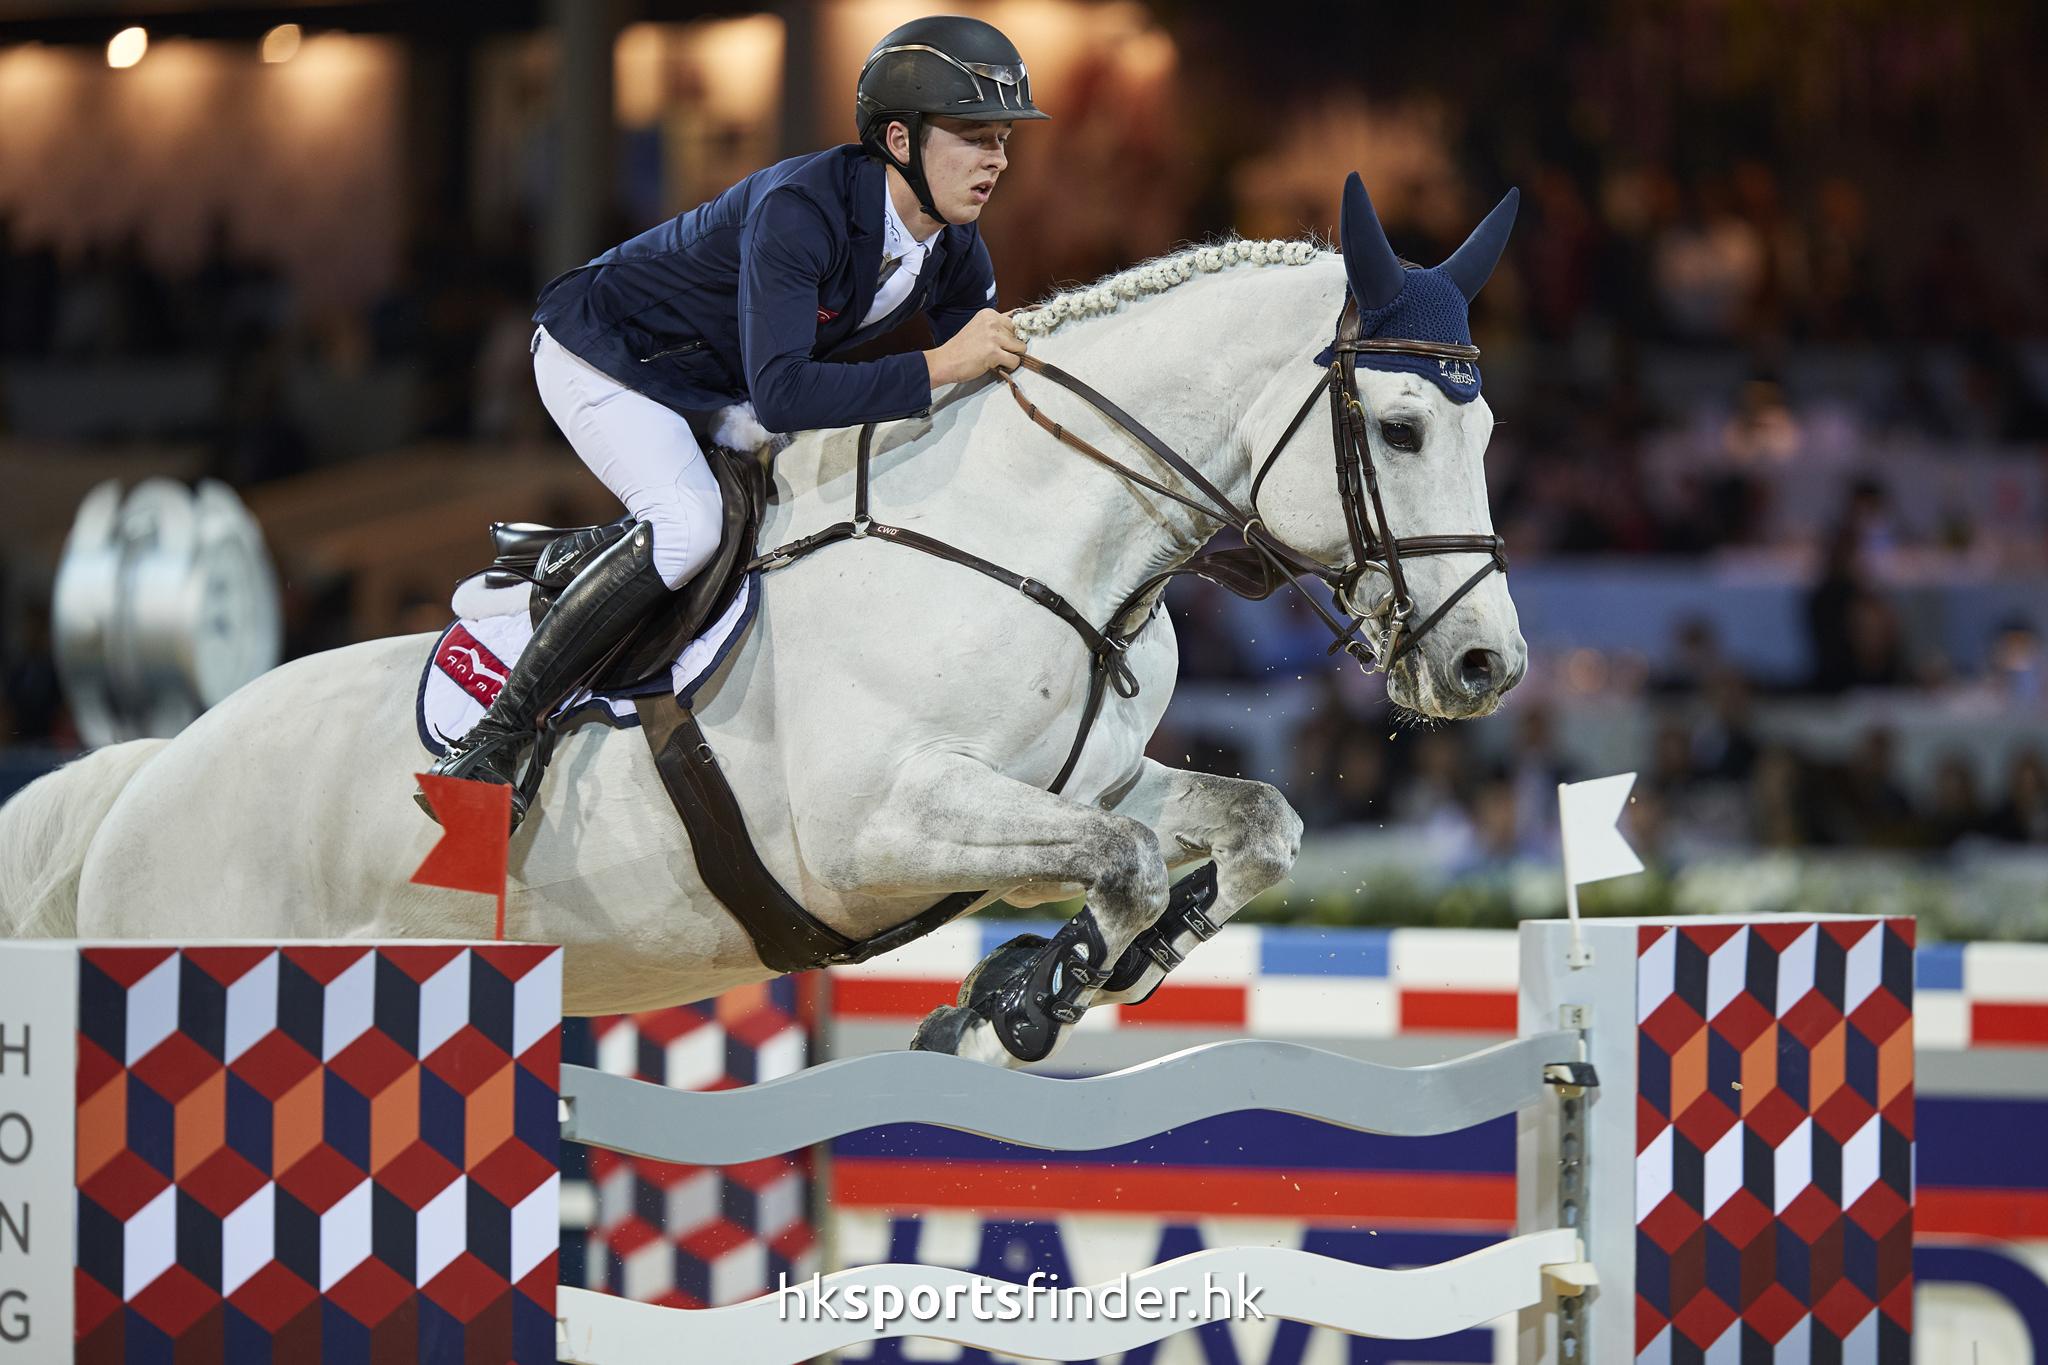 LUK_HORSE_17-02-12-15-44-33_0793.jpg